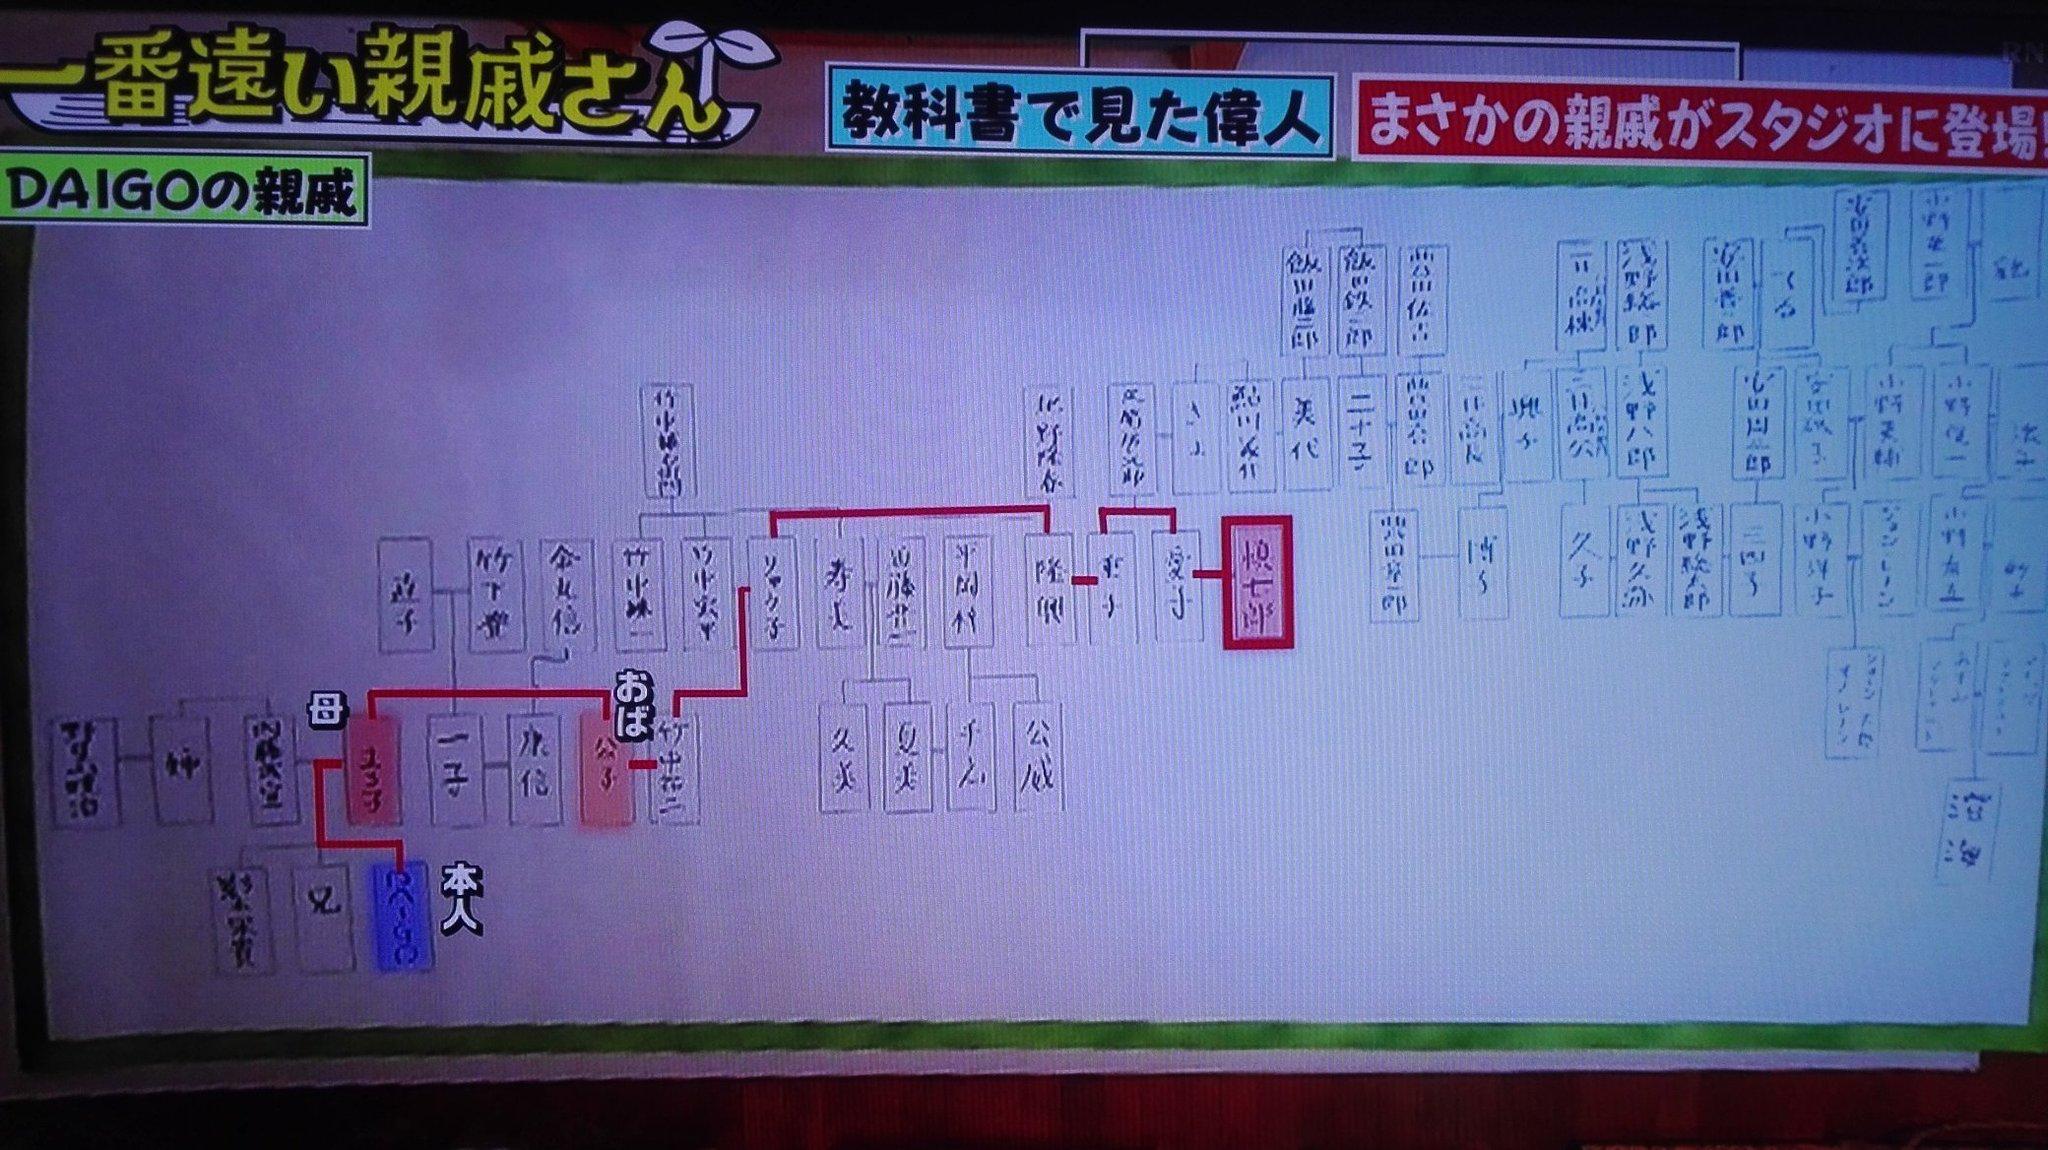 DaiGoの家系図がやばい